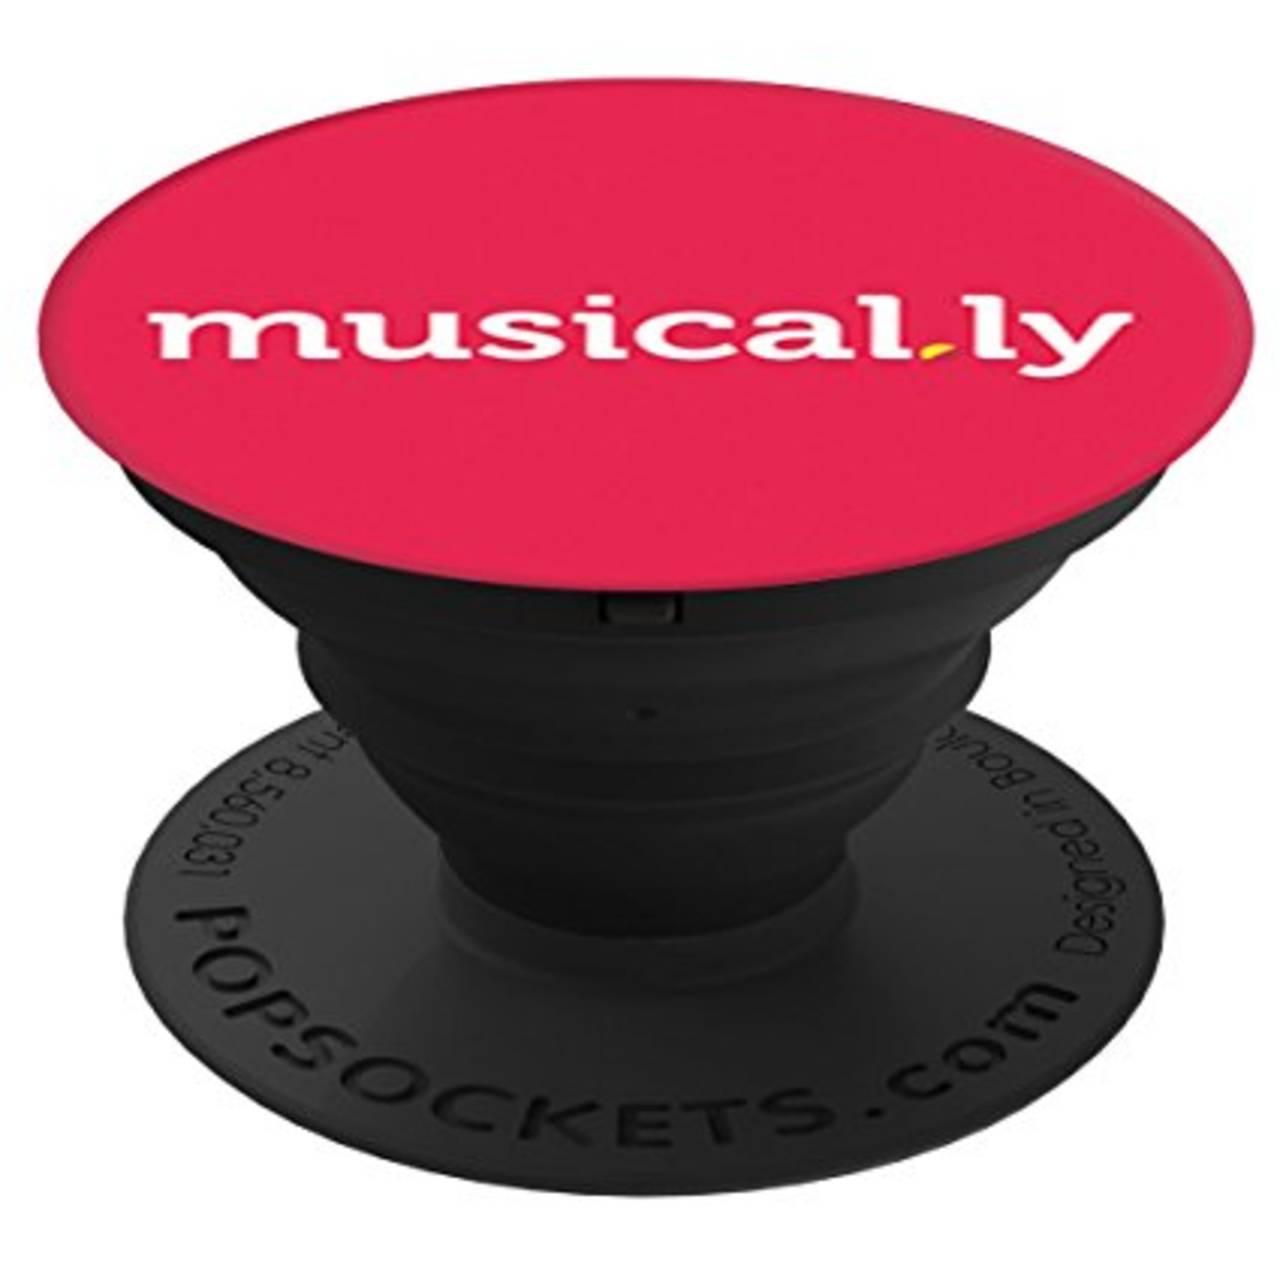 Musica.ly exige contenido inteligente